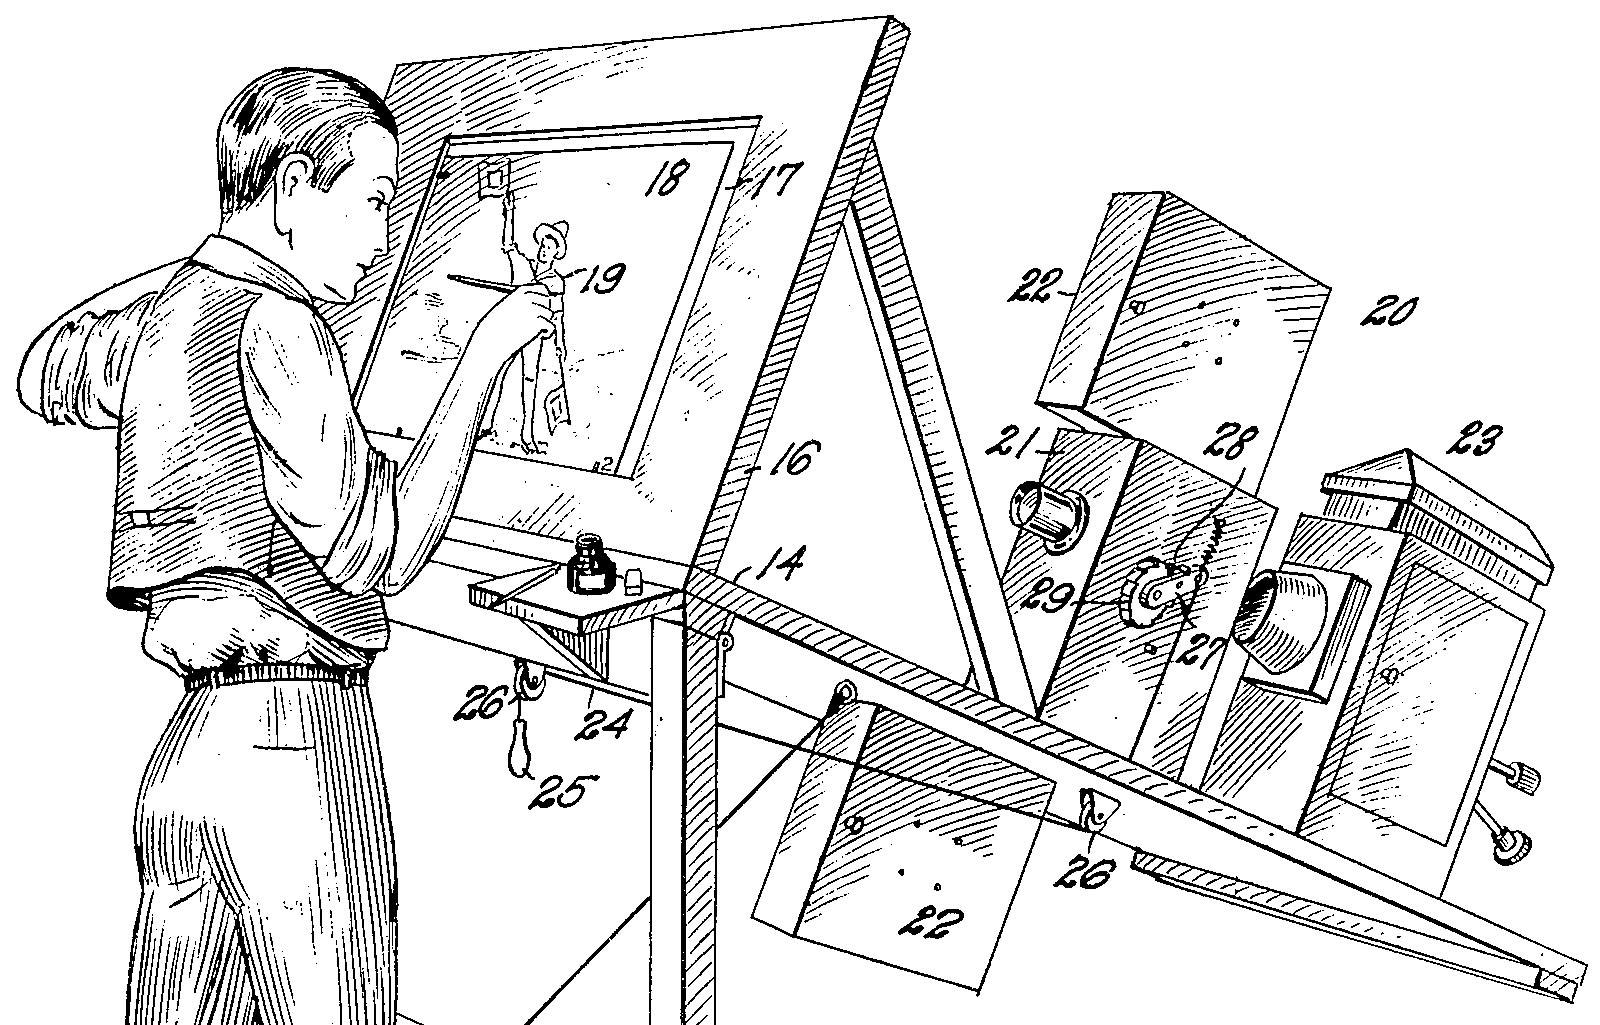 Max Fleischer's Rotoscope